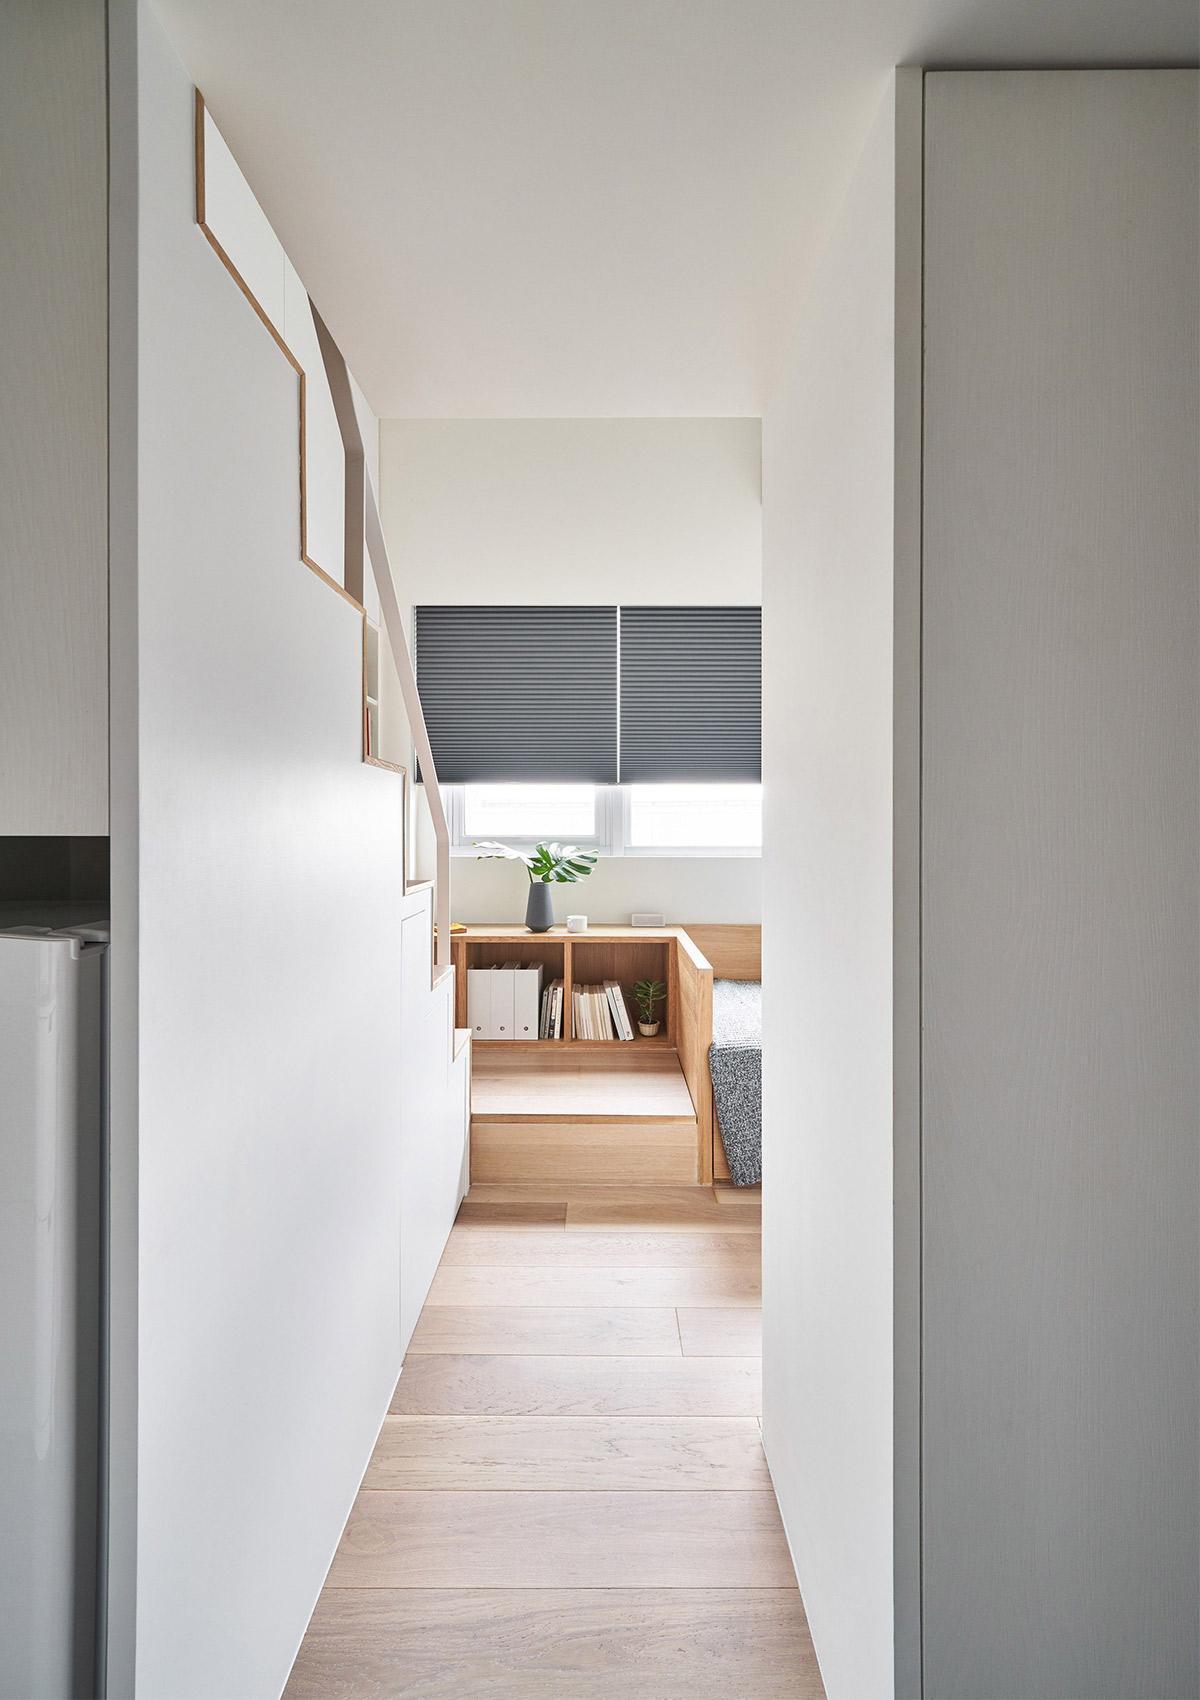 Tham quan thiết kế căn hộ phong cách tối giản